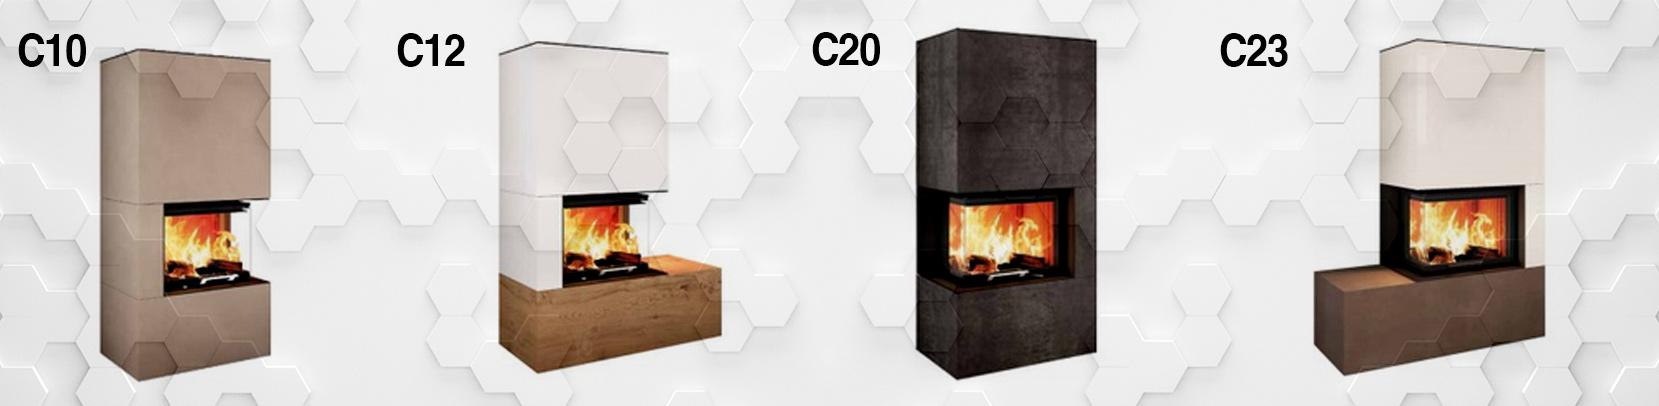 Übersicht der C-Serien-Modelle von Neocube